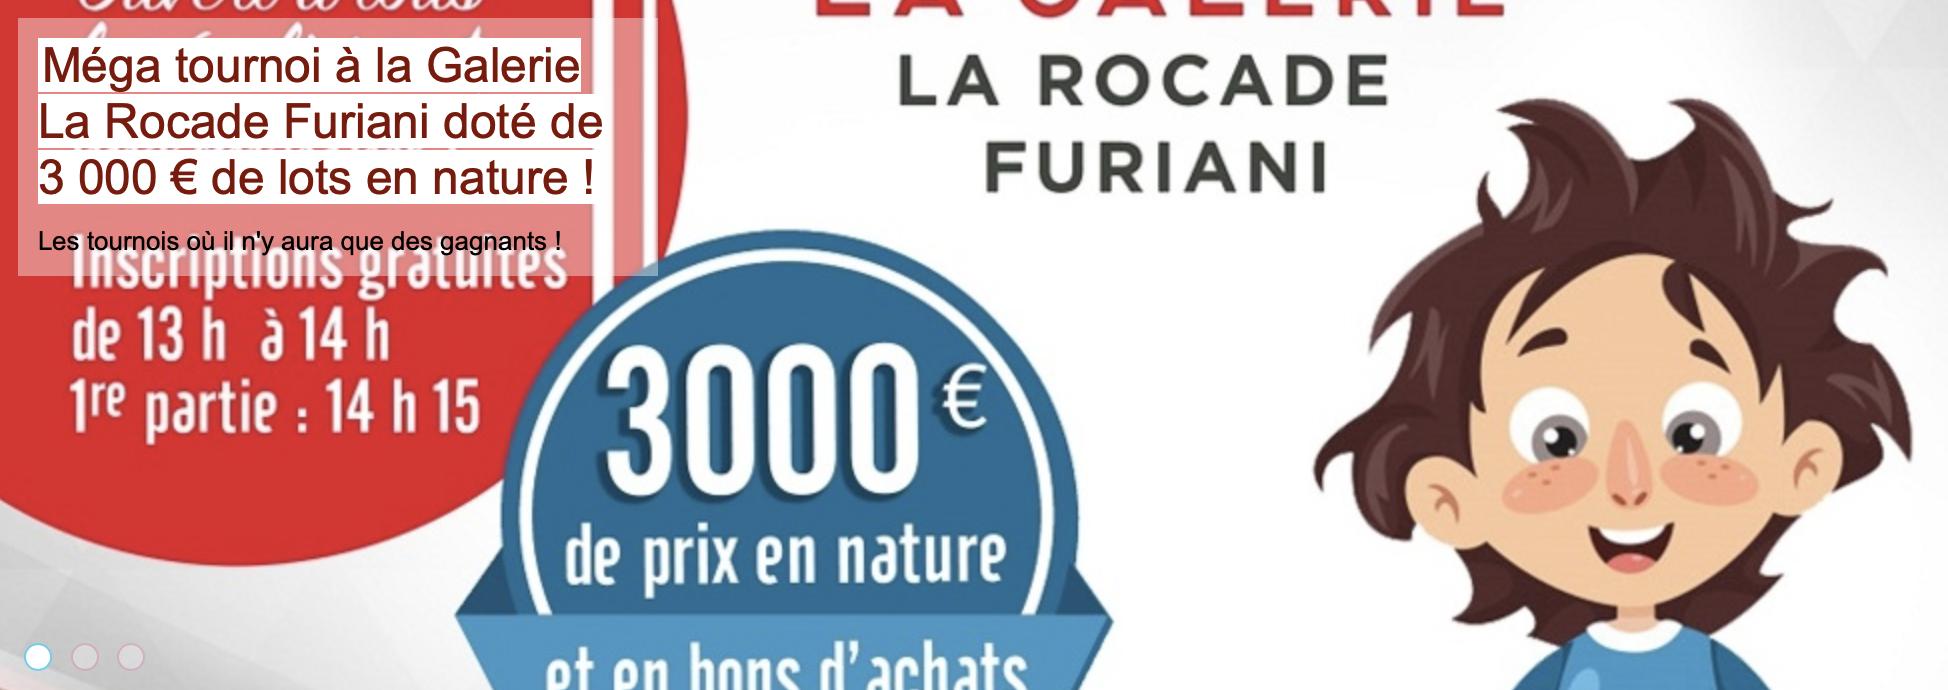 205 joueurs au Blitz Galerie La Rocade à Furiani !